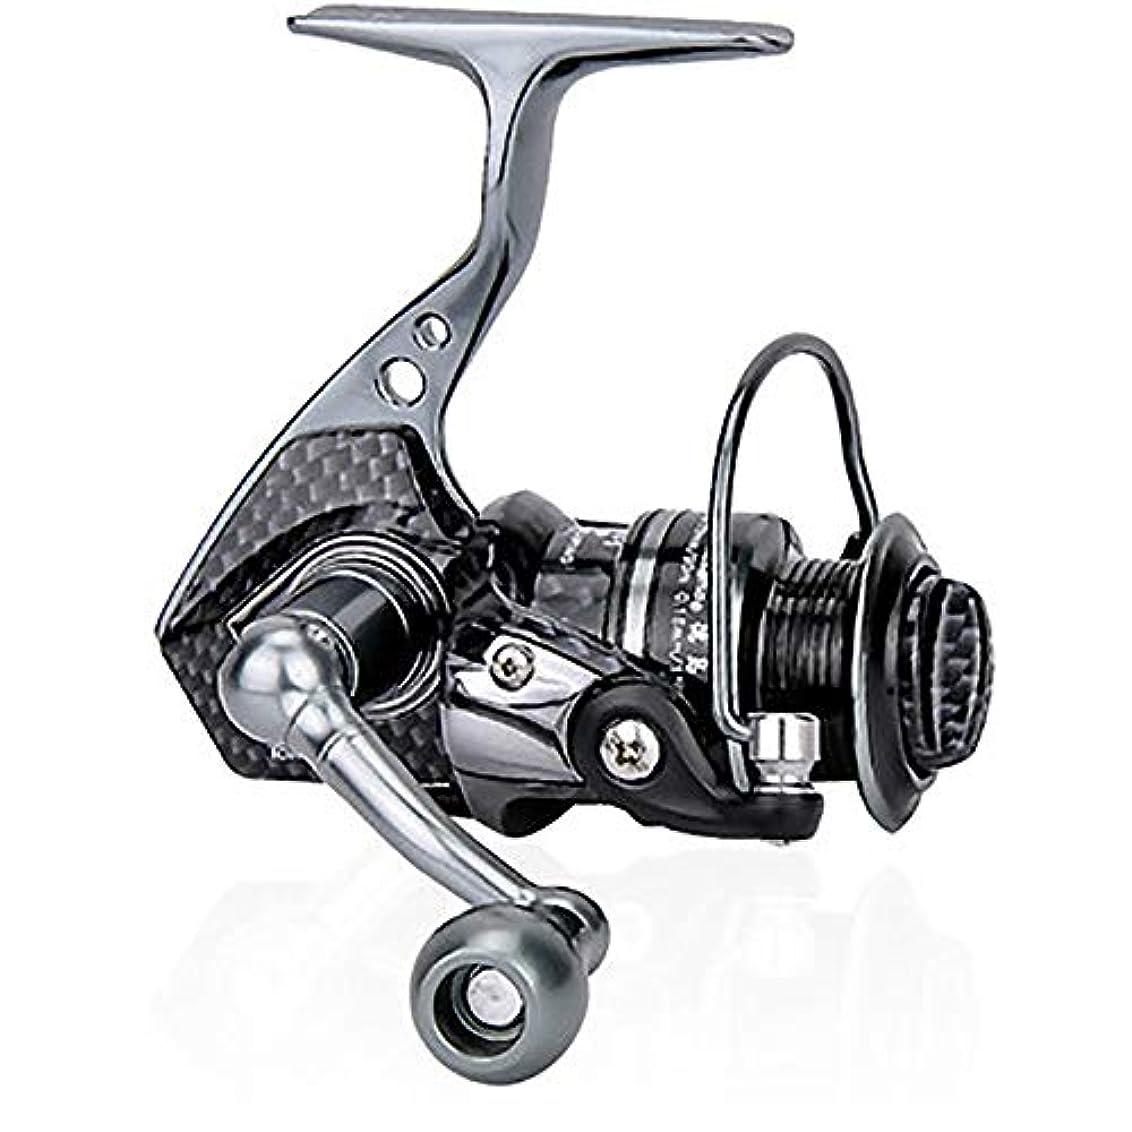 魅了する昼寝迷路釣り用リール 夏およびCentronの回転リール軽量の超滑らかで強力な小型 海釣り用リール (Color : Black, Size : 500)